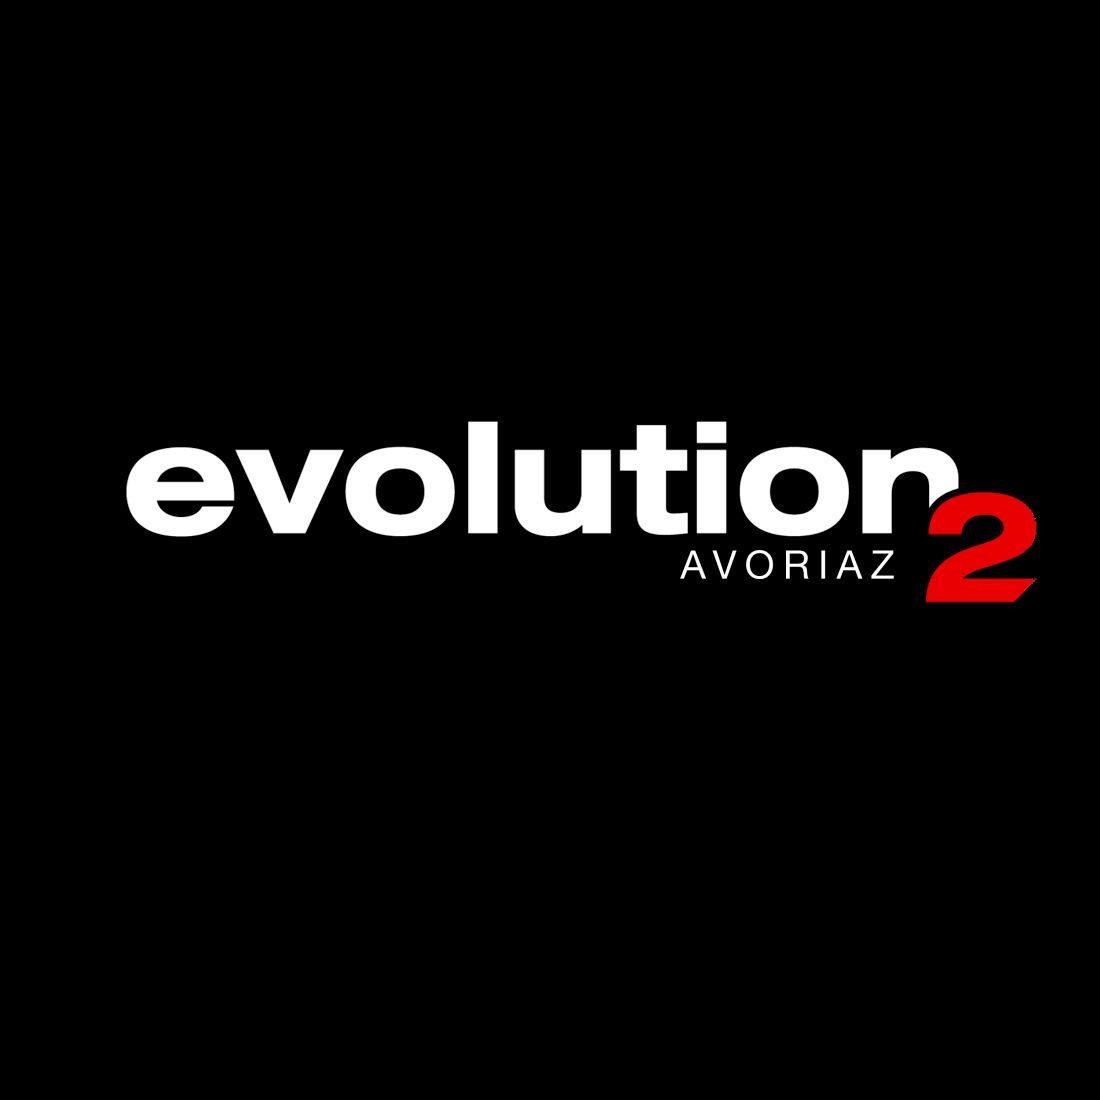 Evolution 2 Avoriaz